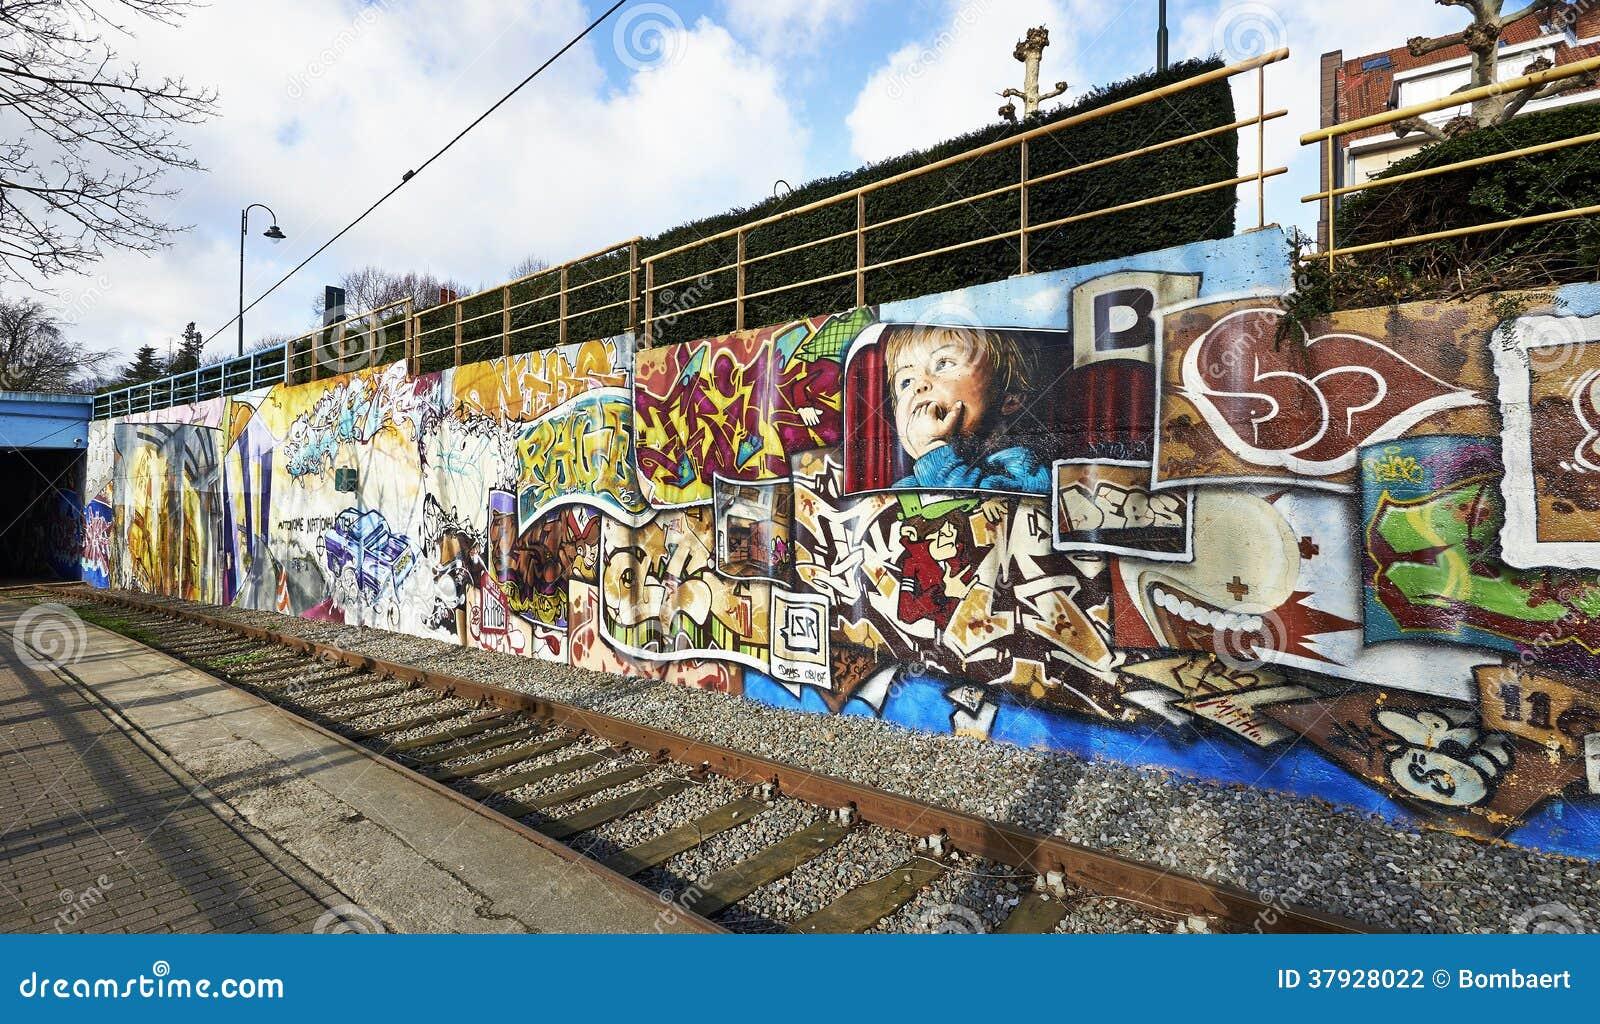 Покрашенные граффити на стене здания в Брюсселе, Бельгии